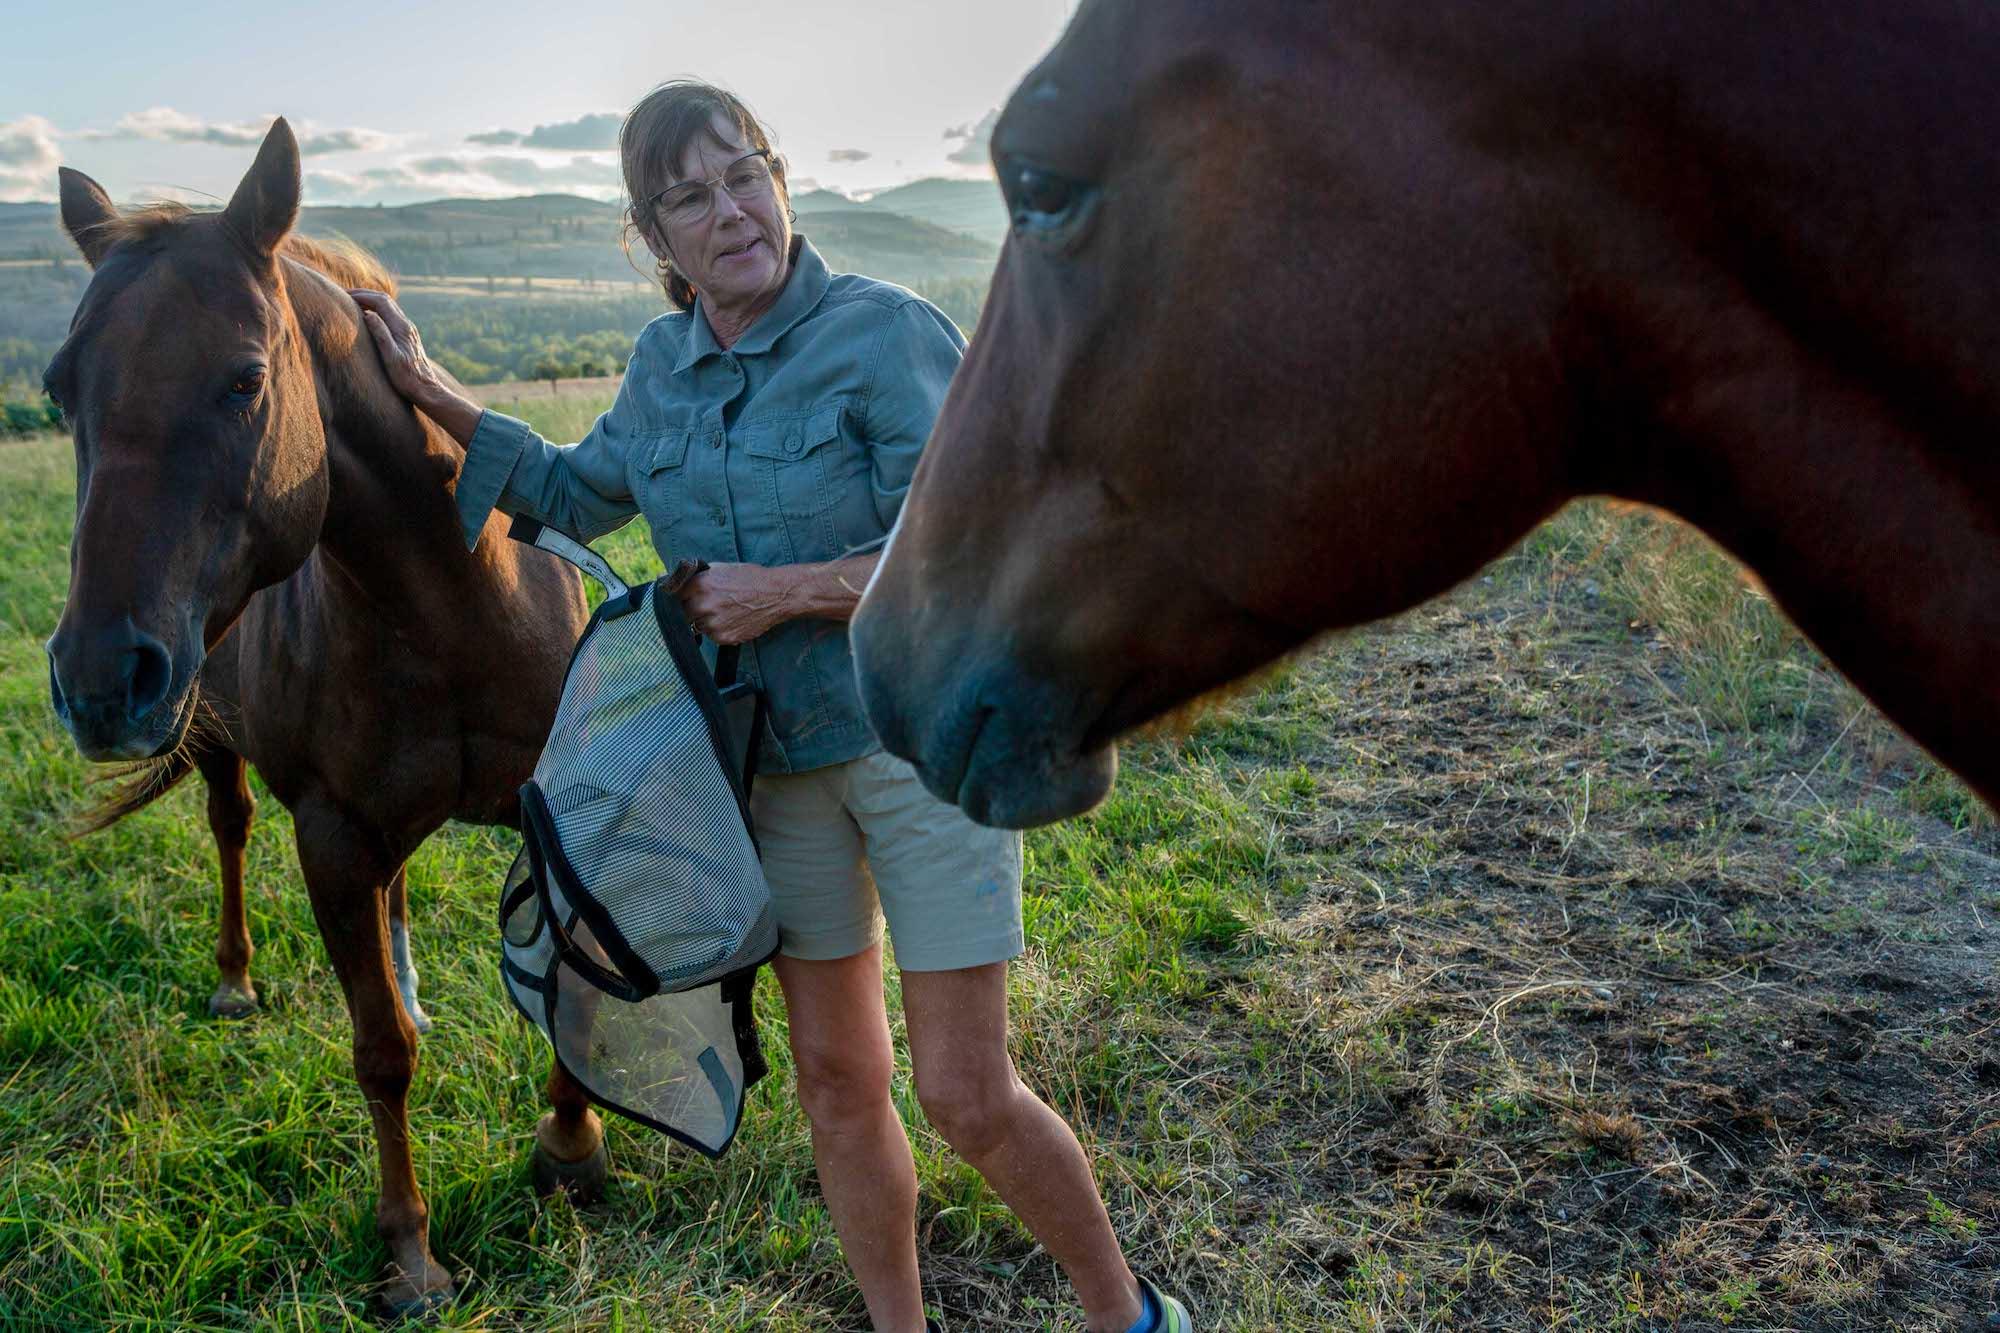 Une femme vêtue d'une chemise vert d'eau et d'un short kaki caresse un cheval.